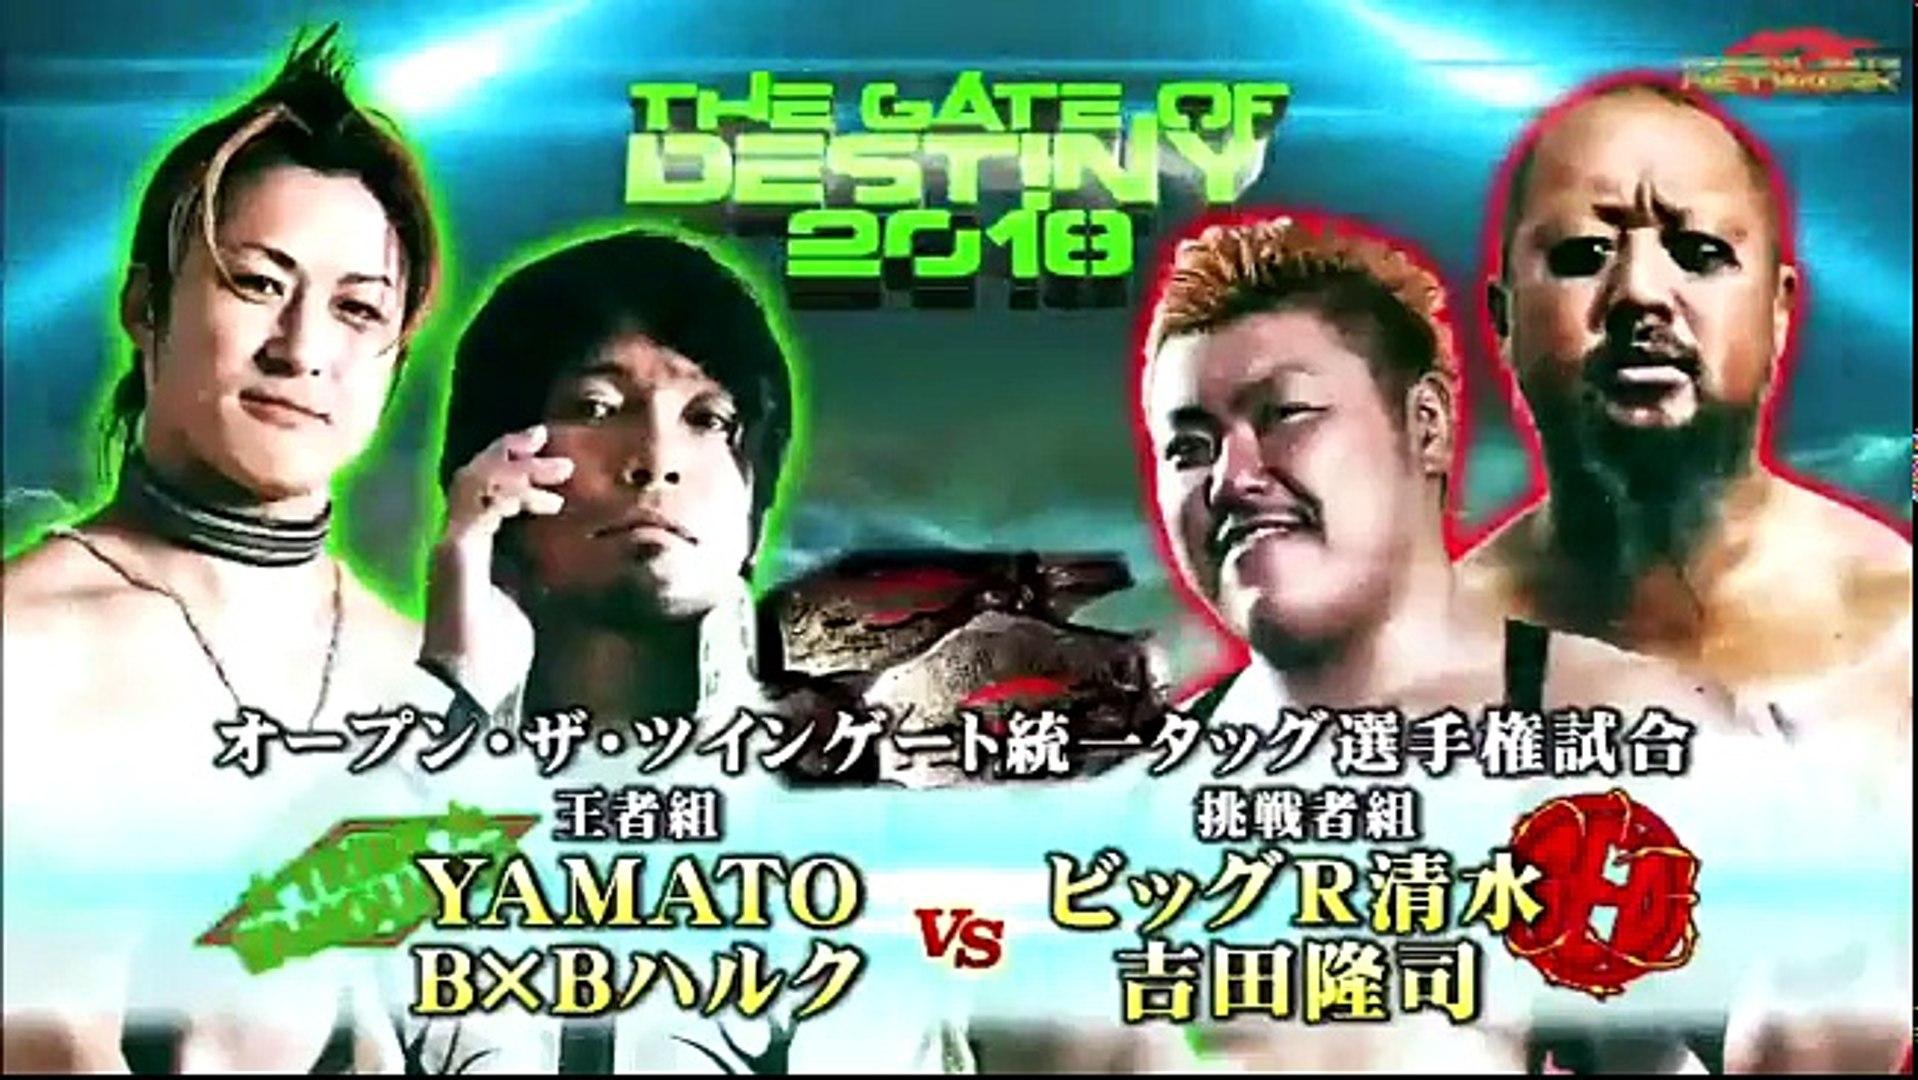 Tribe Vanguard (BxB Hulk & YAMATO) (c) vs. R.E.D. (Big R Shimizu & Takashi Yoshida) Open The